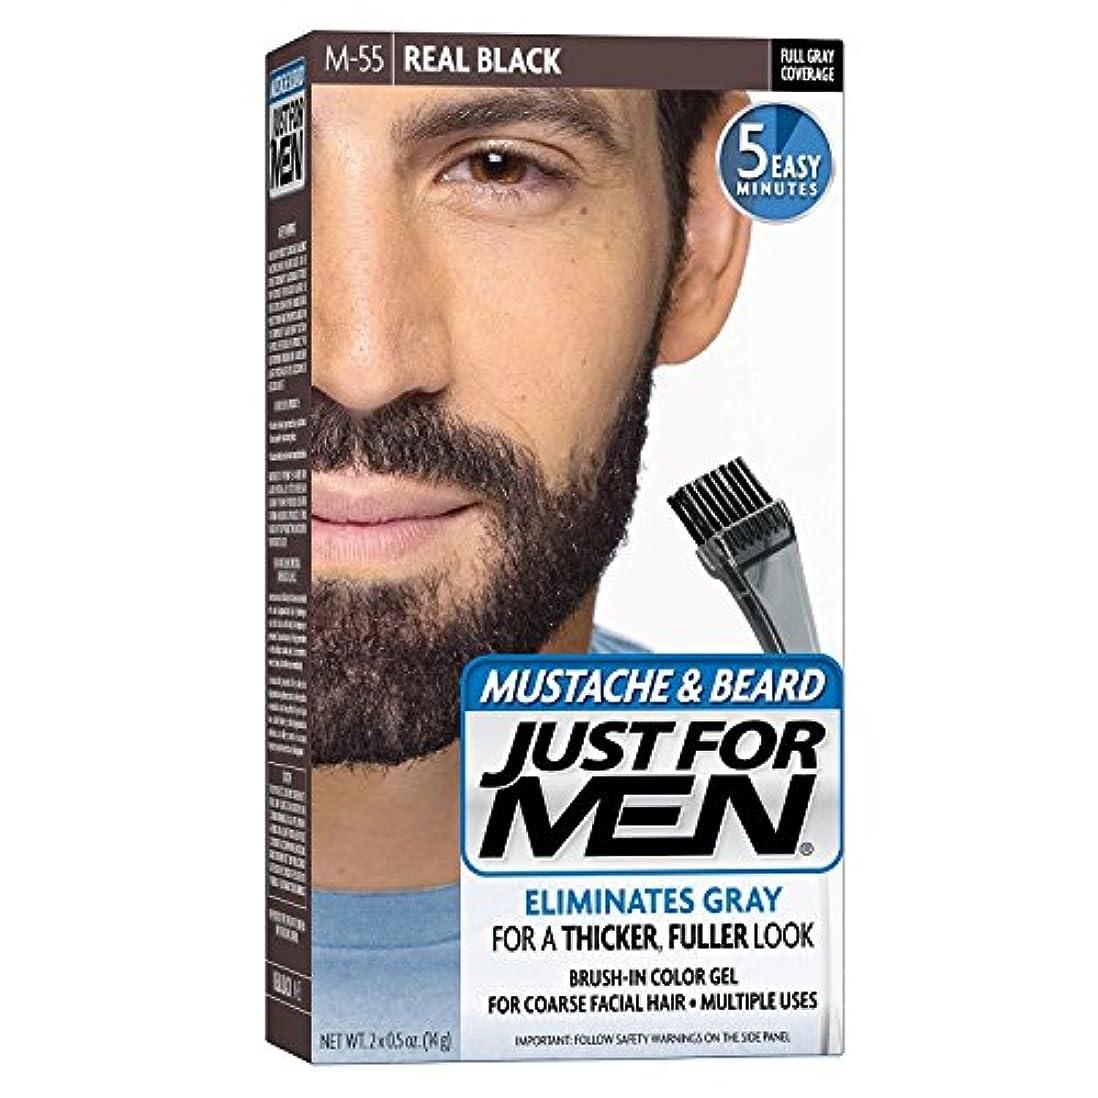 やさしい許さない突っ込むJust For Men Mstch-Beard #M-55 Real Black Color Gel (並行輸入品)